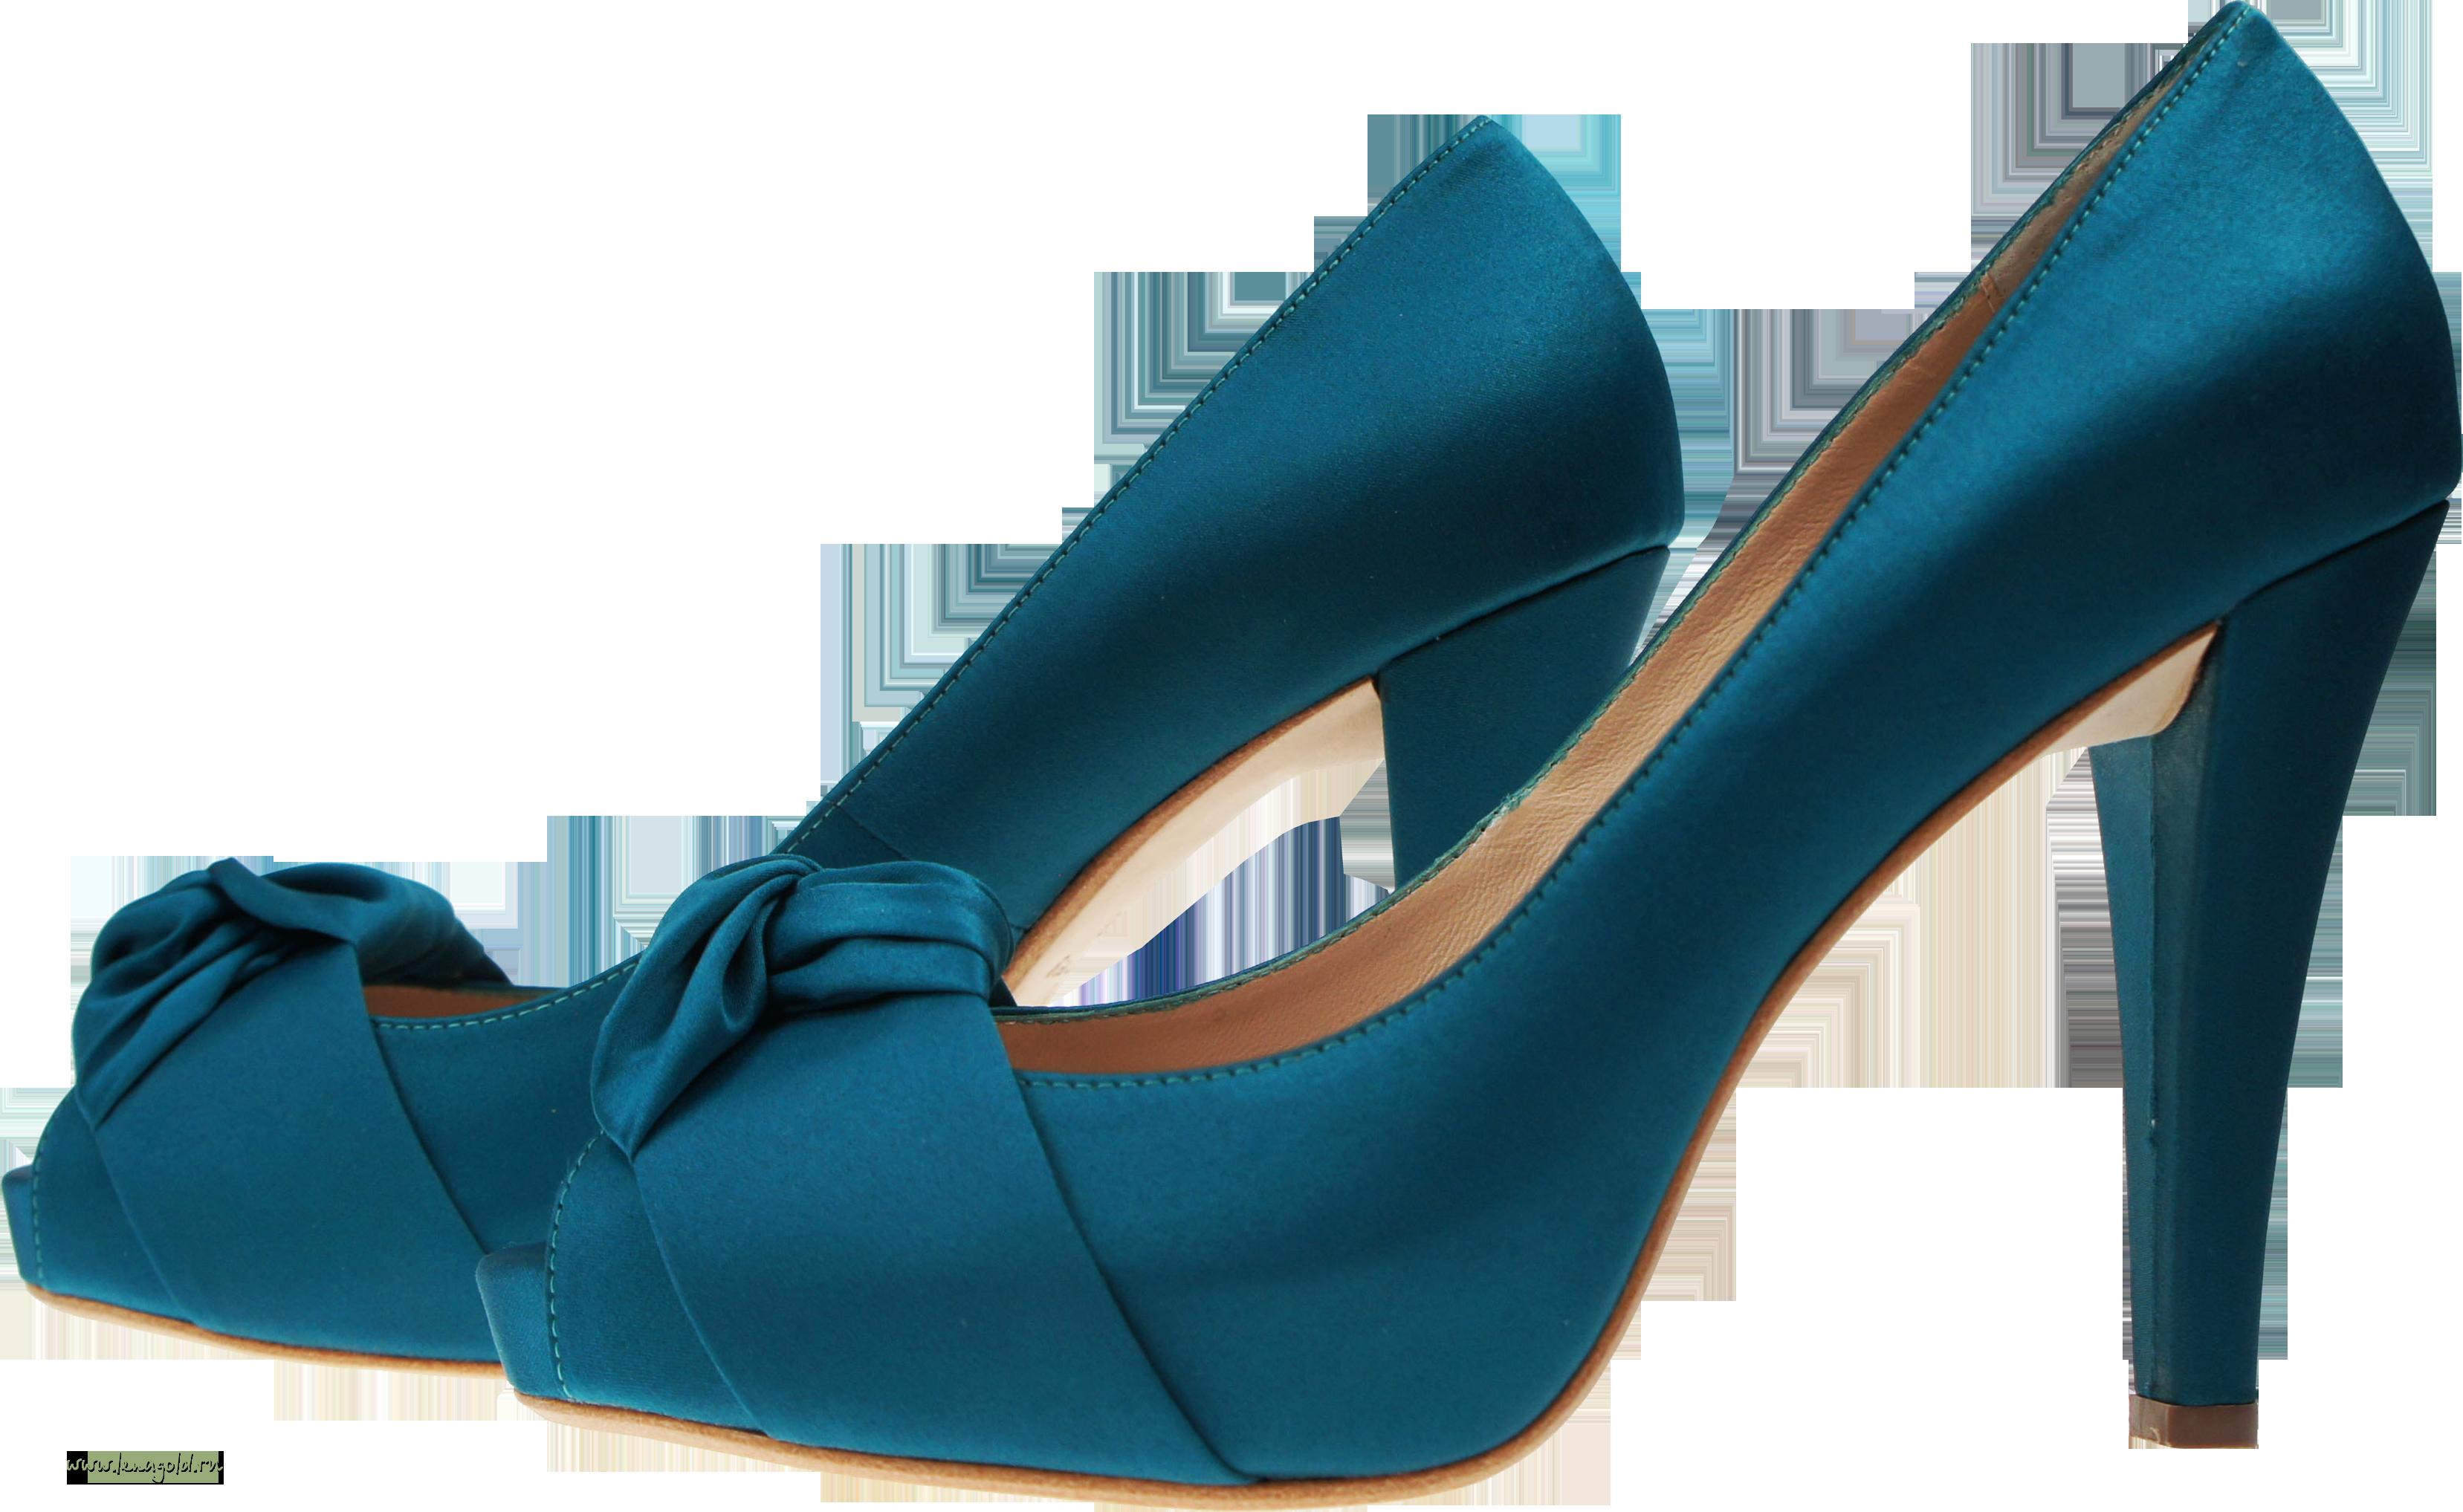 Blue Women Shoe PNG Image